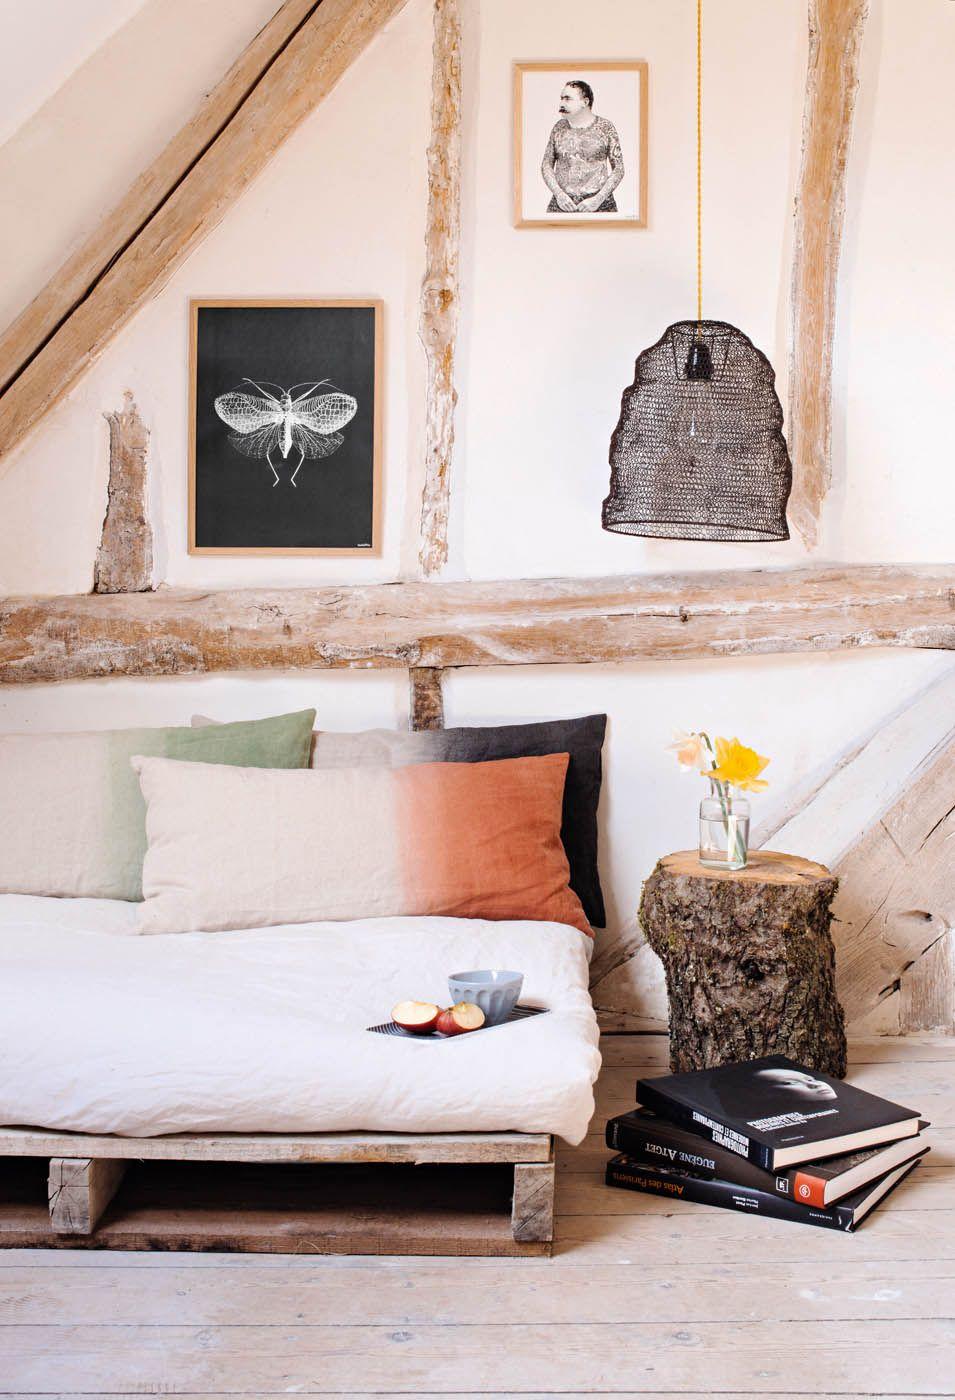 suspension fil de fer jatani hanging jatani lamp. Black Bedroom Furniture Sets. Home Design Ideas